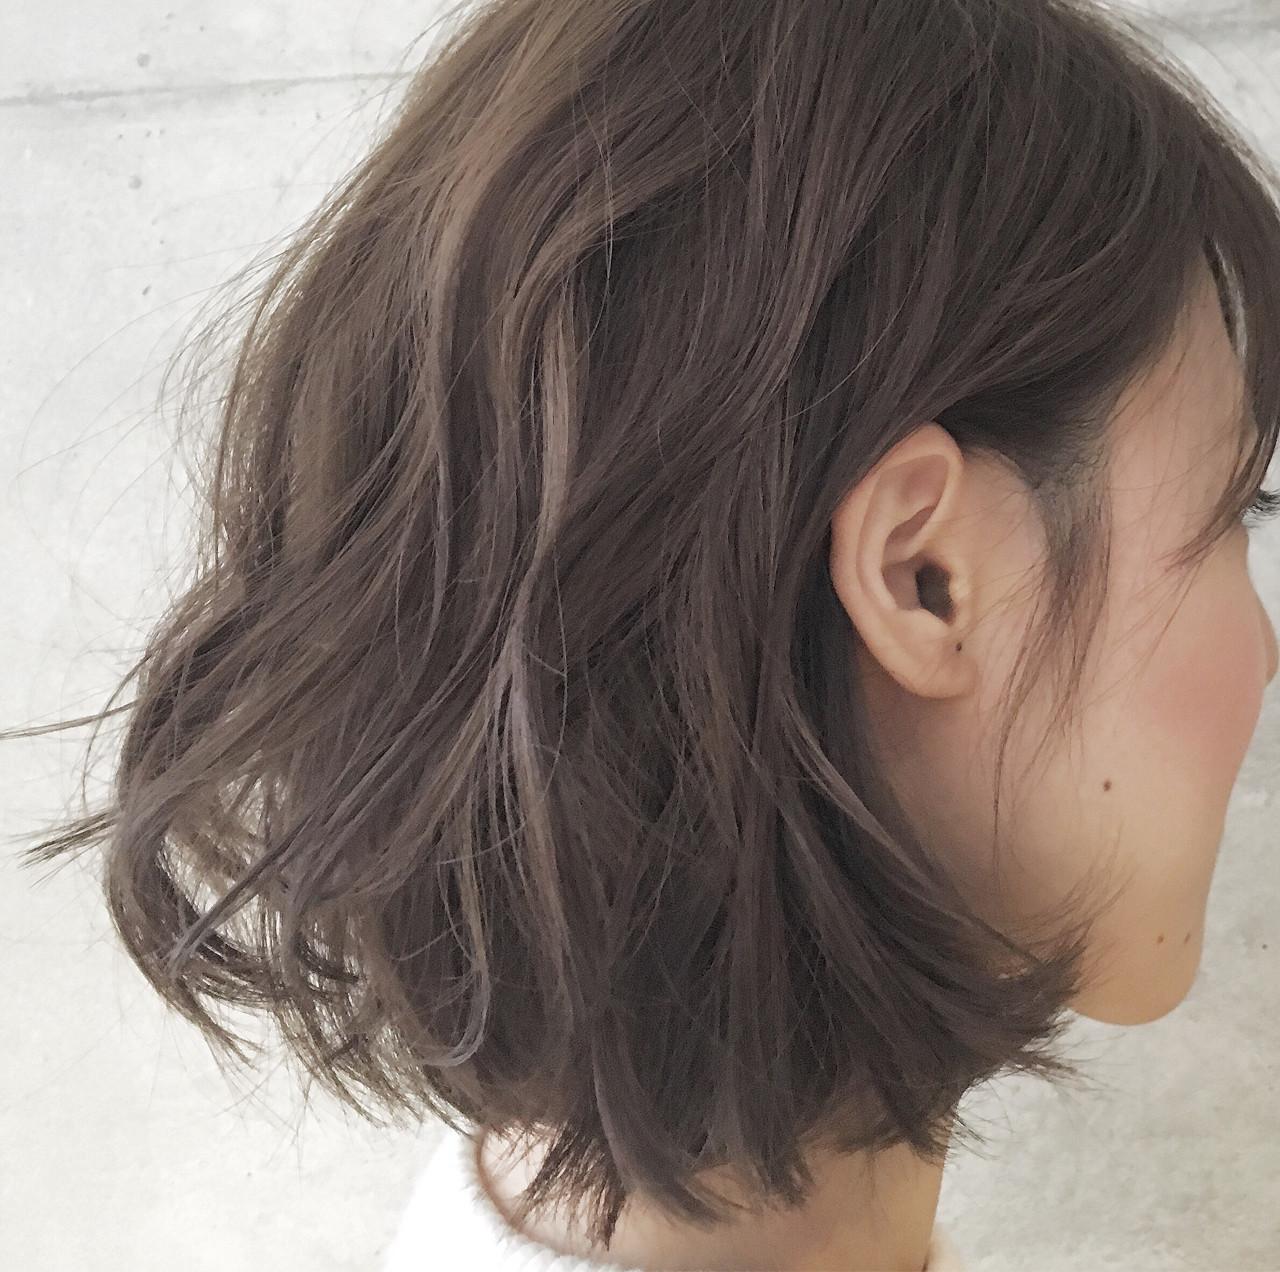 大注目の暗髪×グラデーションまとめ♡ポイントは毛先とハイライト Sayaka